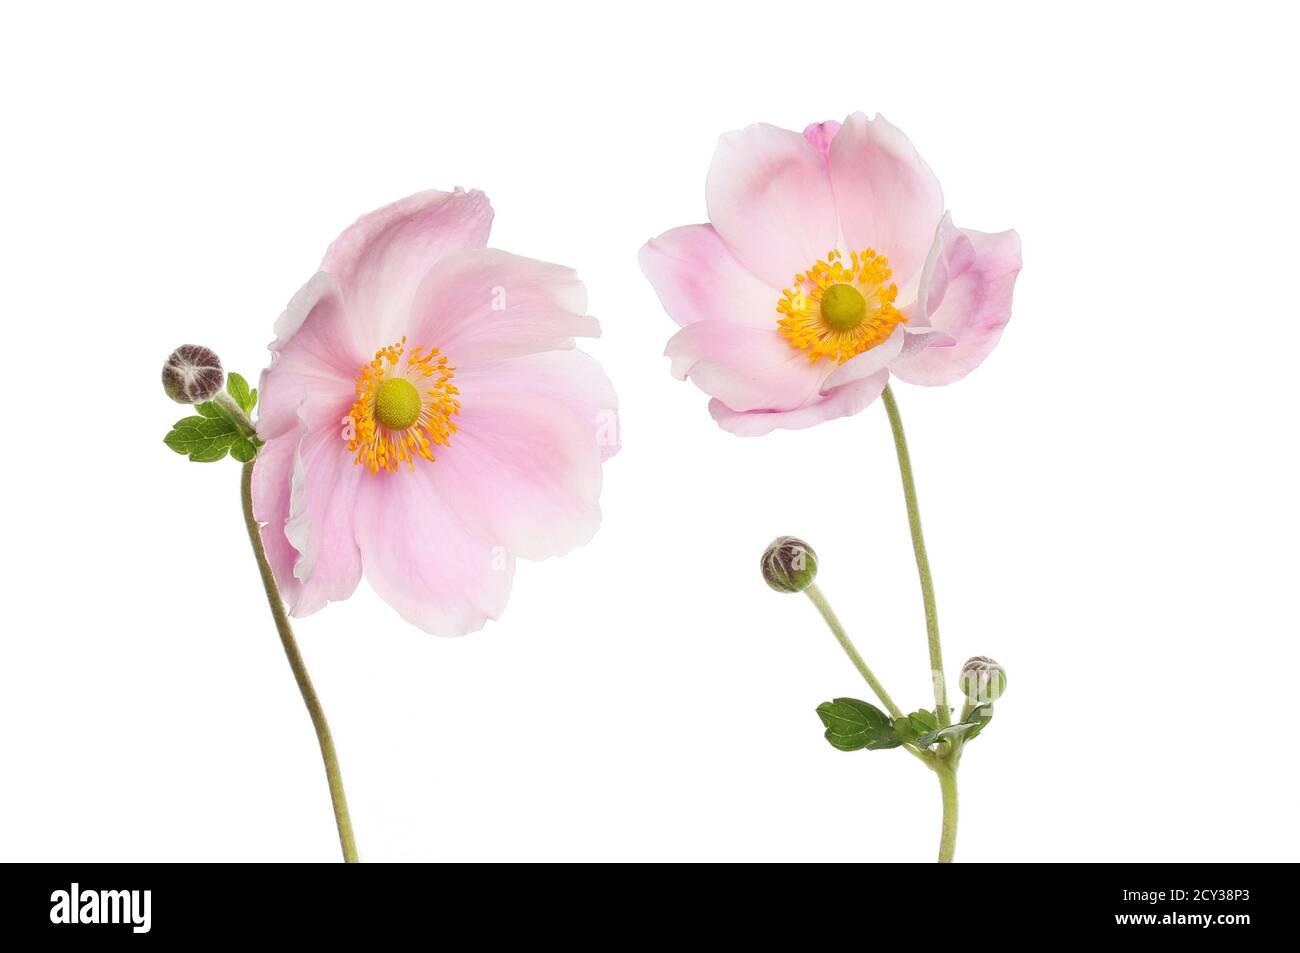 Deux fleurs d'anémone japonaises, feuilles et bourgeons isolés contre du blanc Banque D'Images